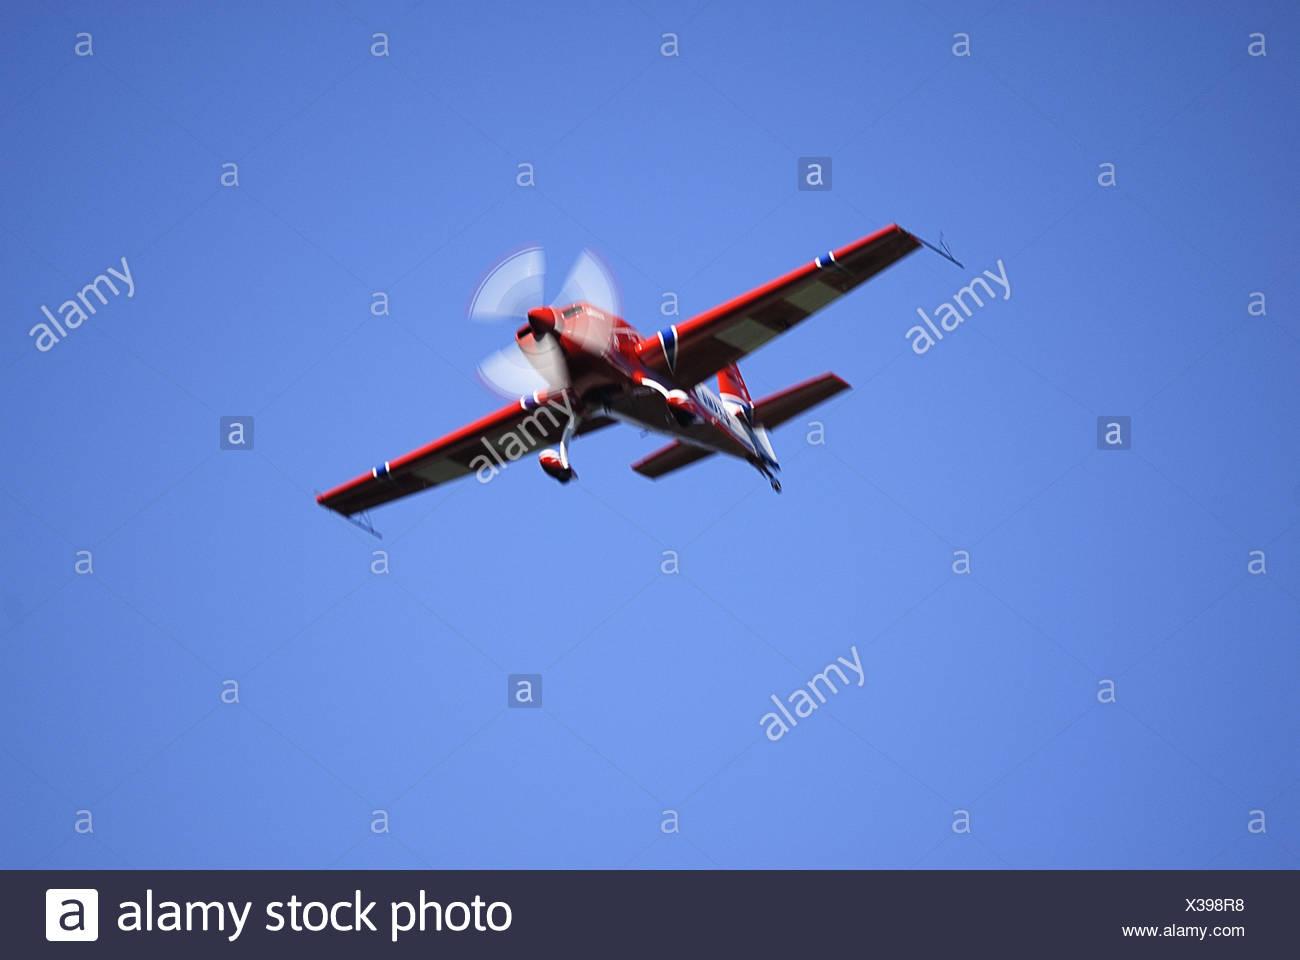 aircraft - flugzeug - Stock Image